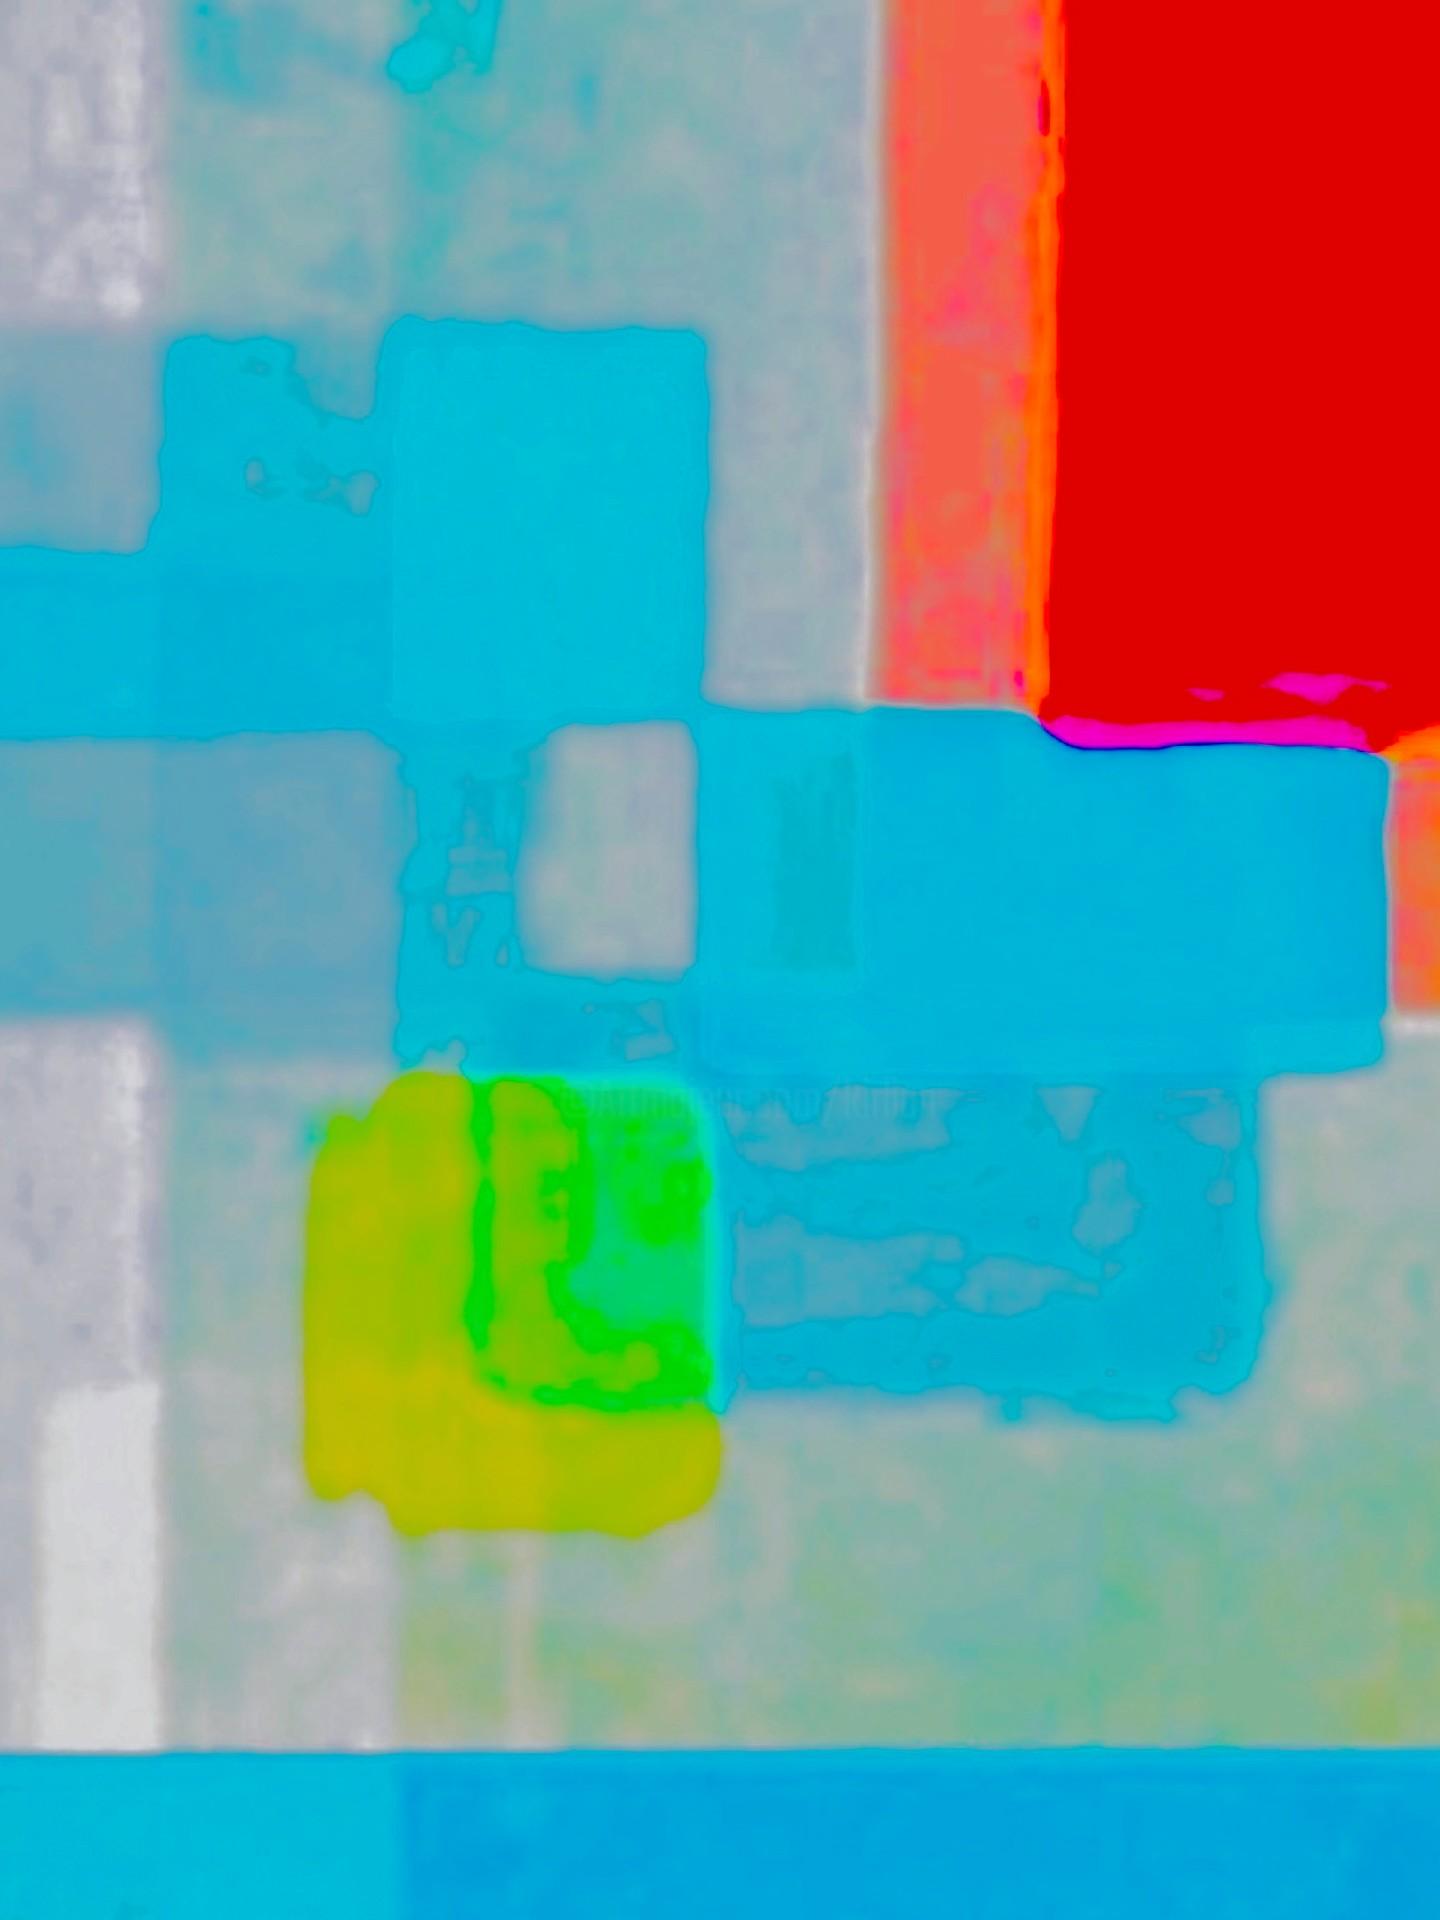 Kirlian - Colorscoop